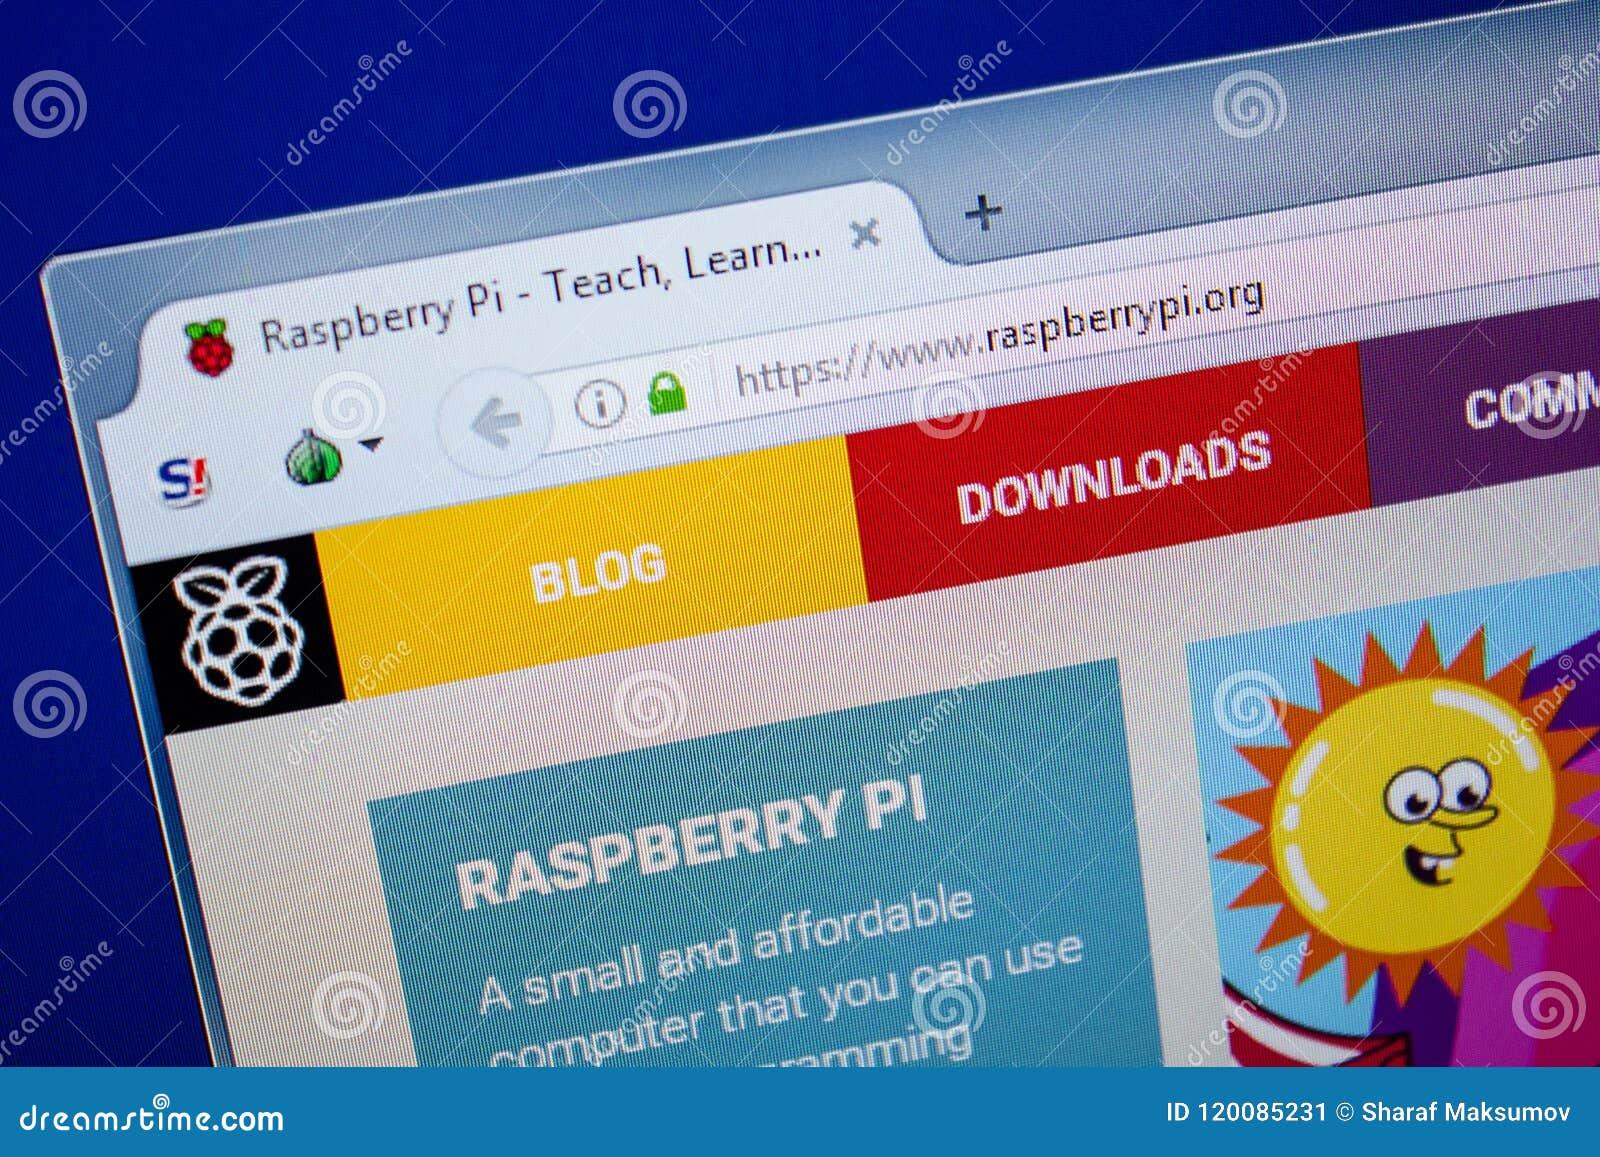 Riazan, Russie - 26 juin 2018 : Page d accueil de site Web de RaspberryPI sur l affichage du PC URL - RaspberryPI org